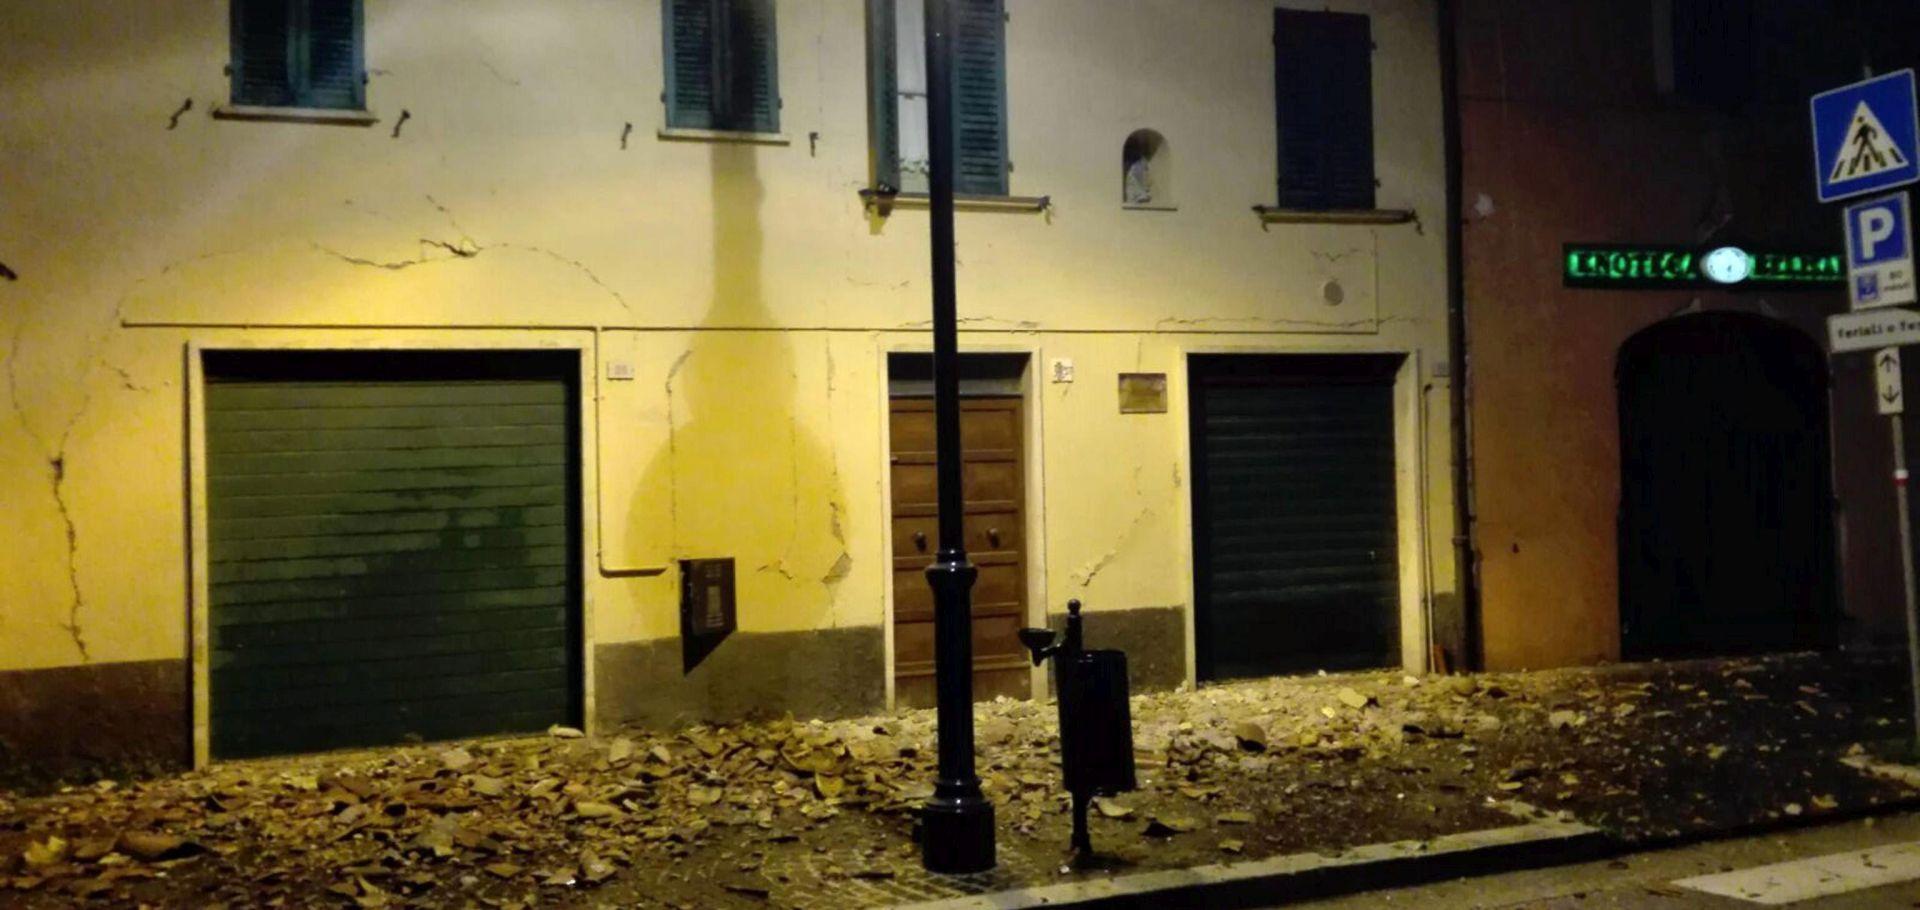 Dva potresa u središnjoj Italiji, velike materijalne štete, nekoliko teško ozlijeđenih osoba, oštećene povijesne zgrade